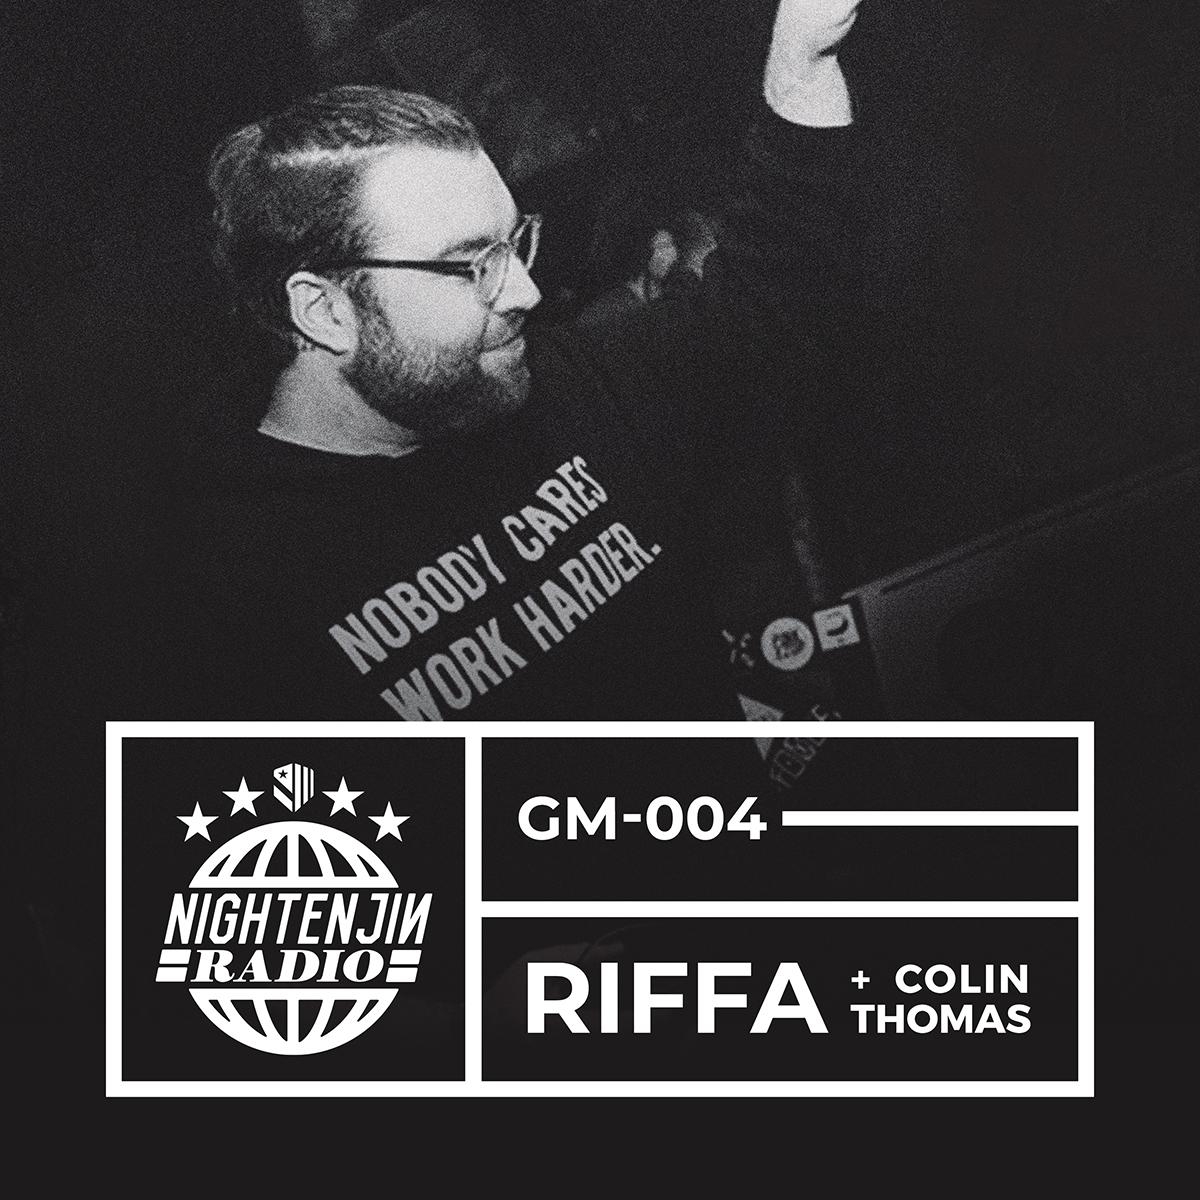 Nightenjin Radio GM-004: RIFFA + Colin Thomas